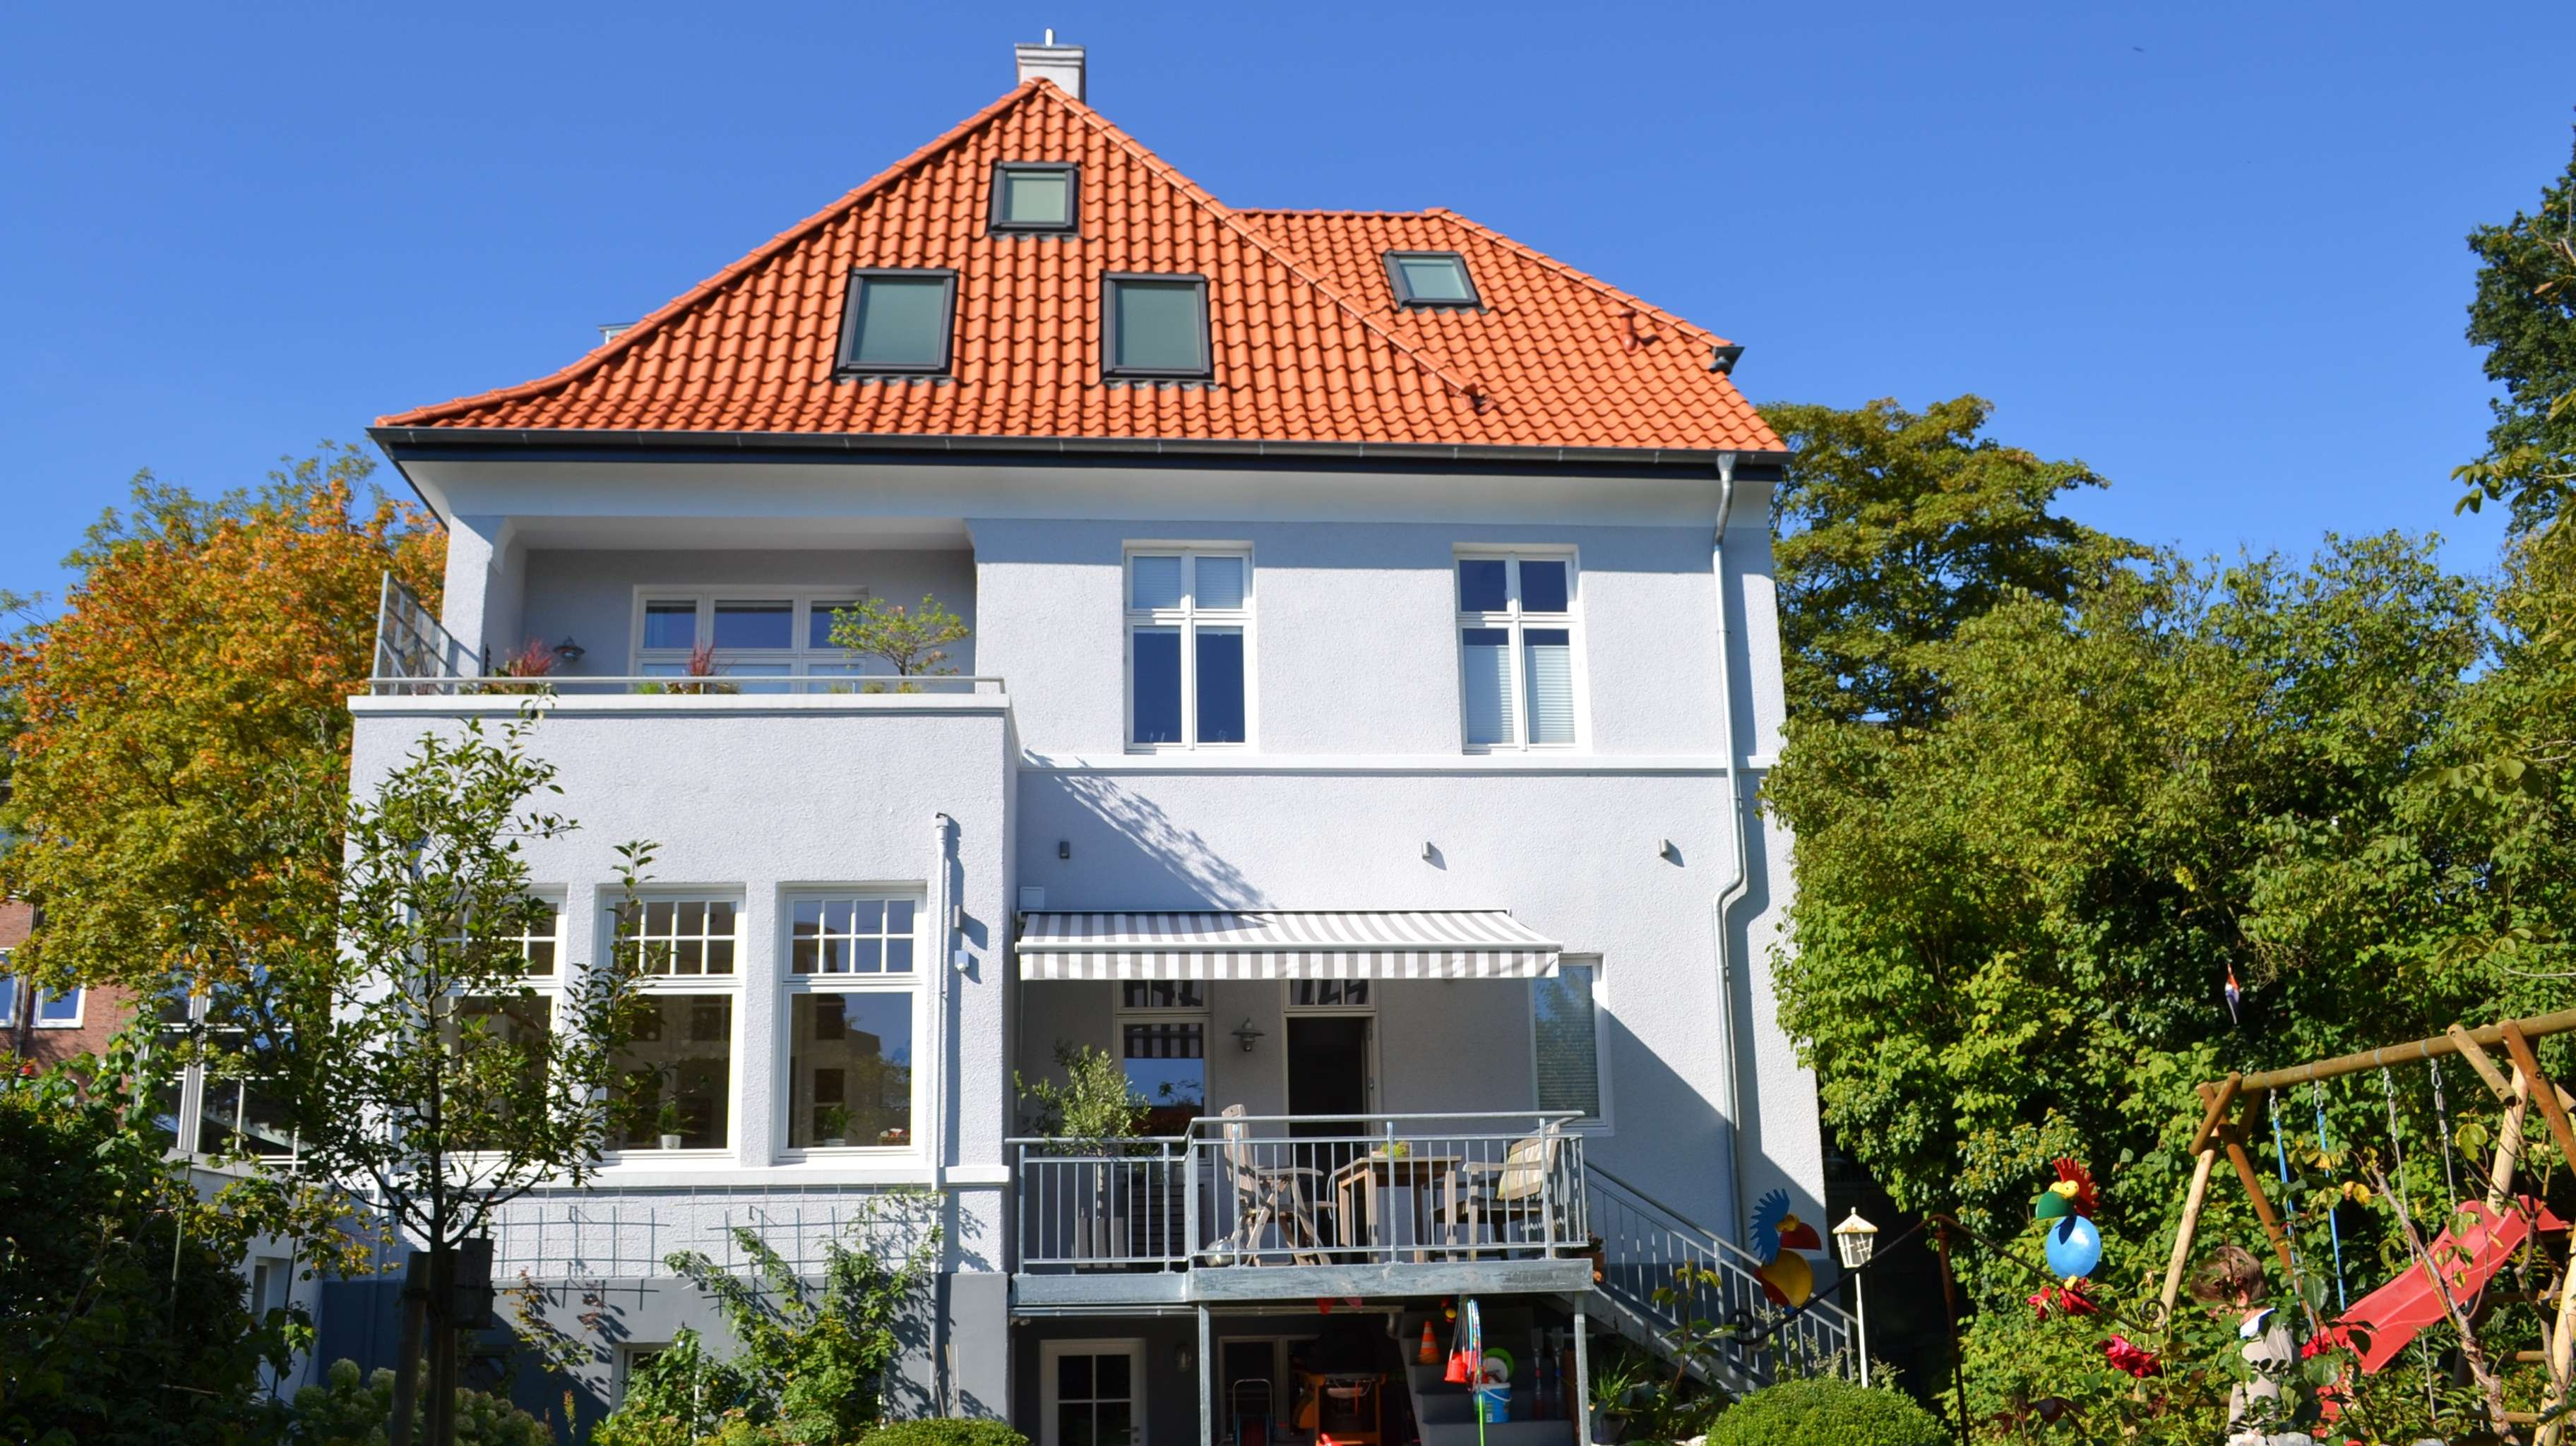 Stavilla_Garten_Dänisches Fenster_klassisch_weiß